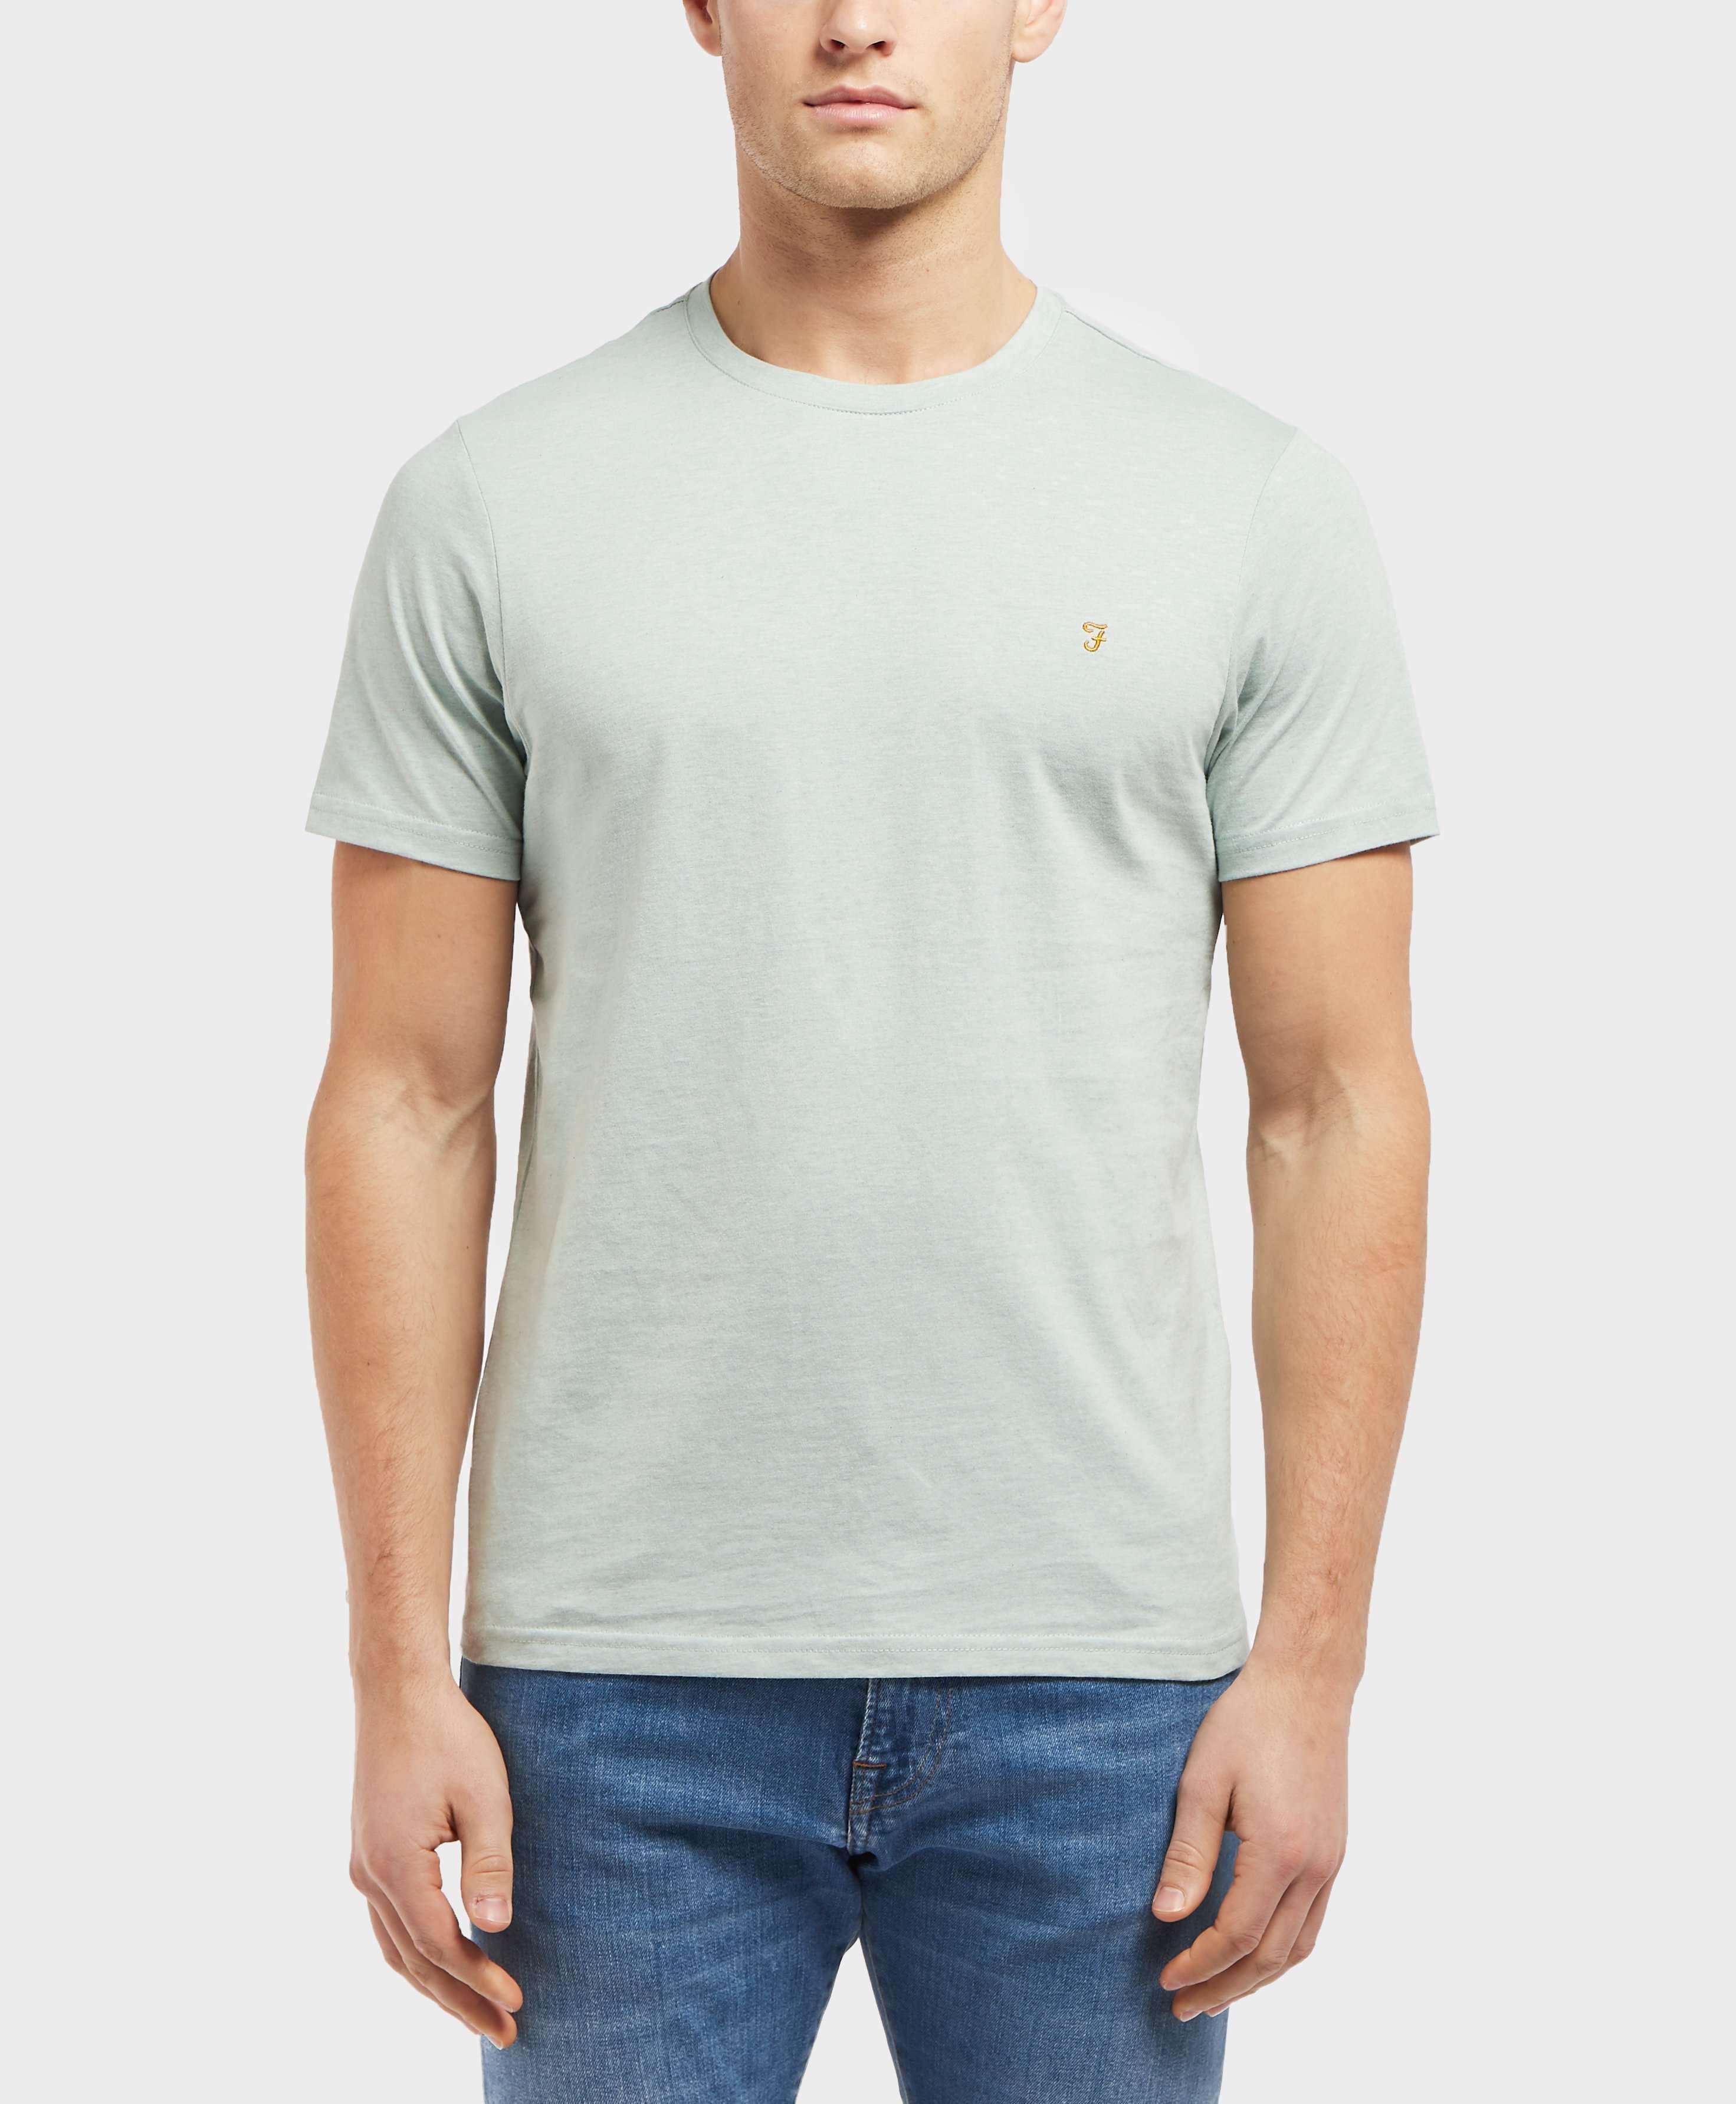 Farah Core Short Sleeve T-Shirt